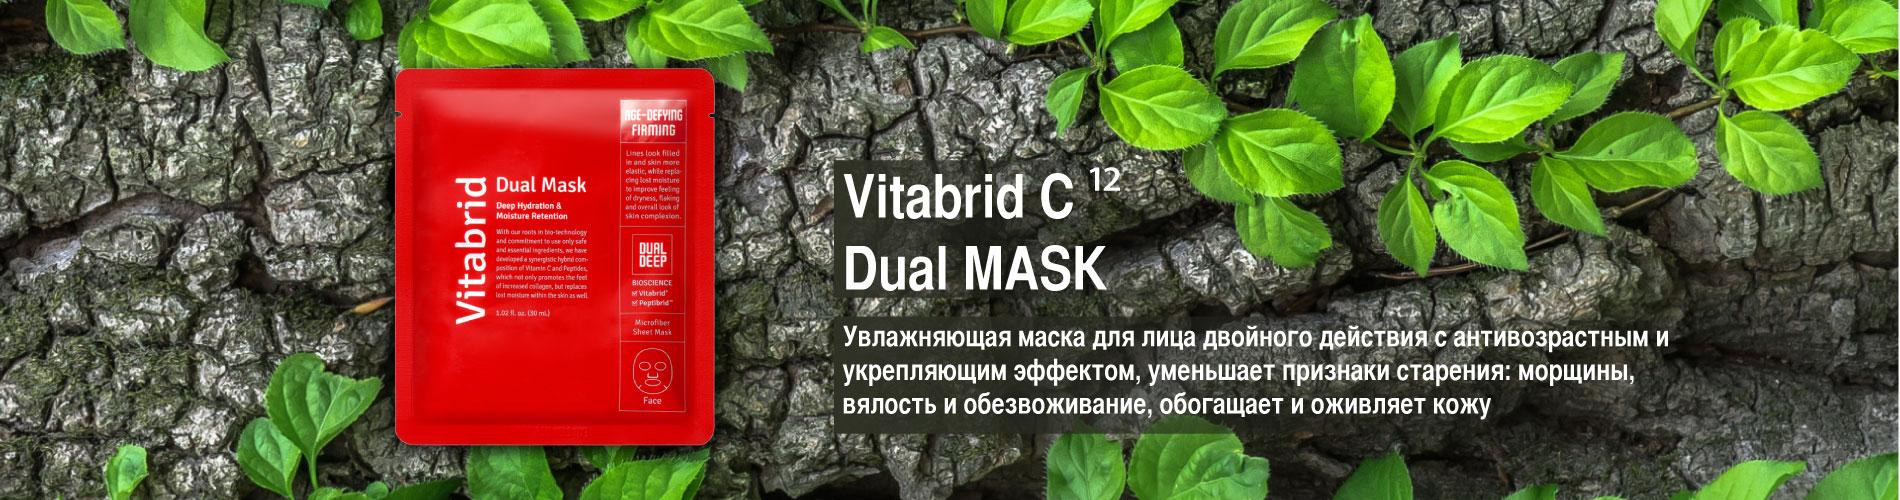 vitabrid dual mask